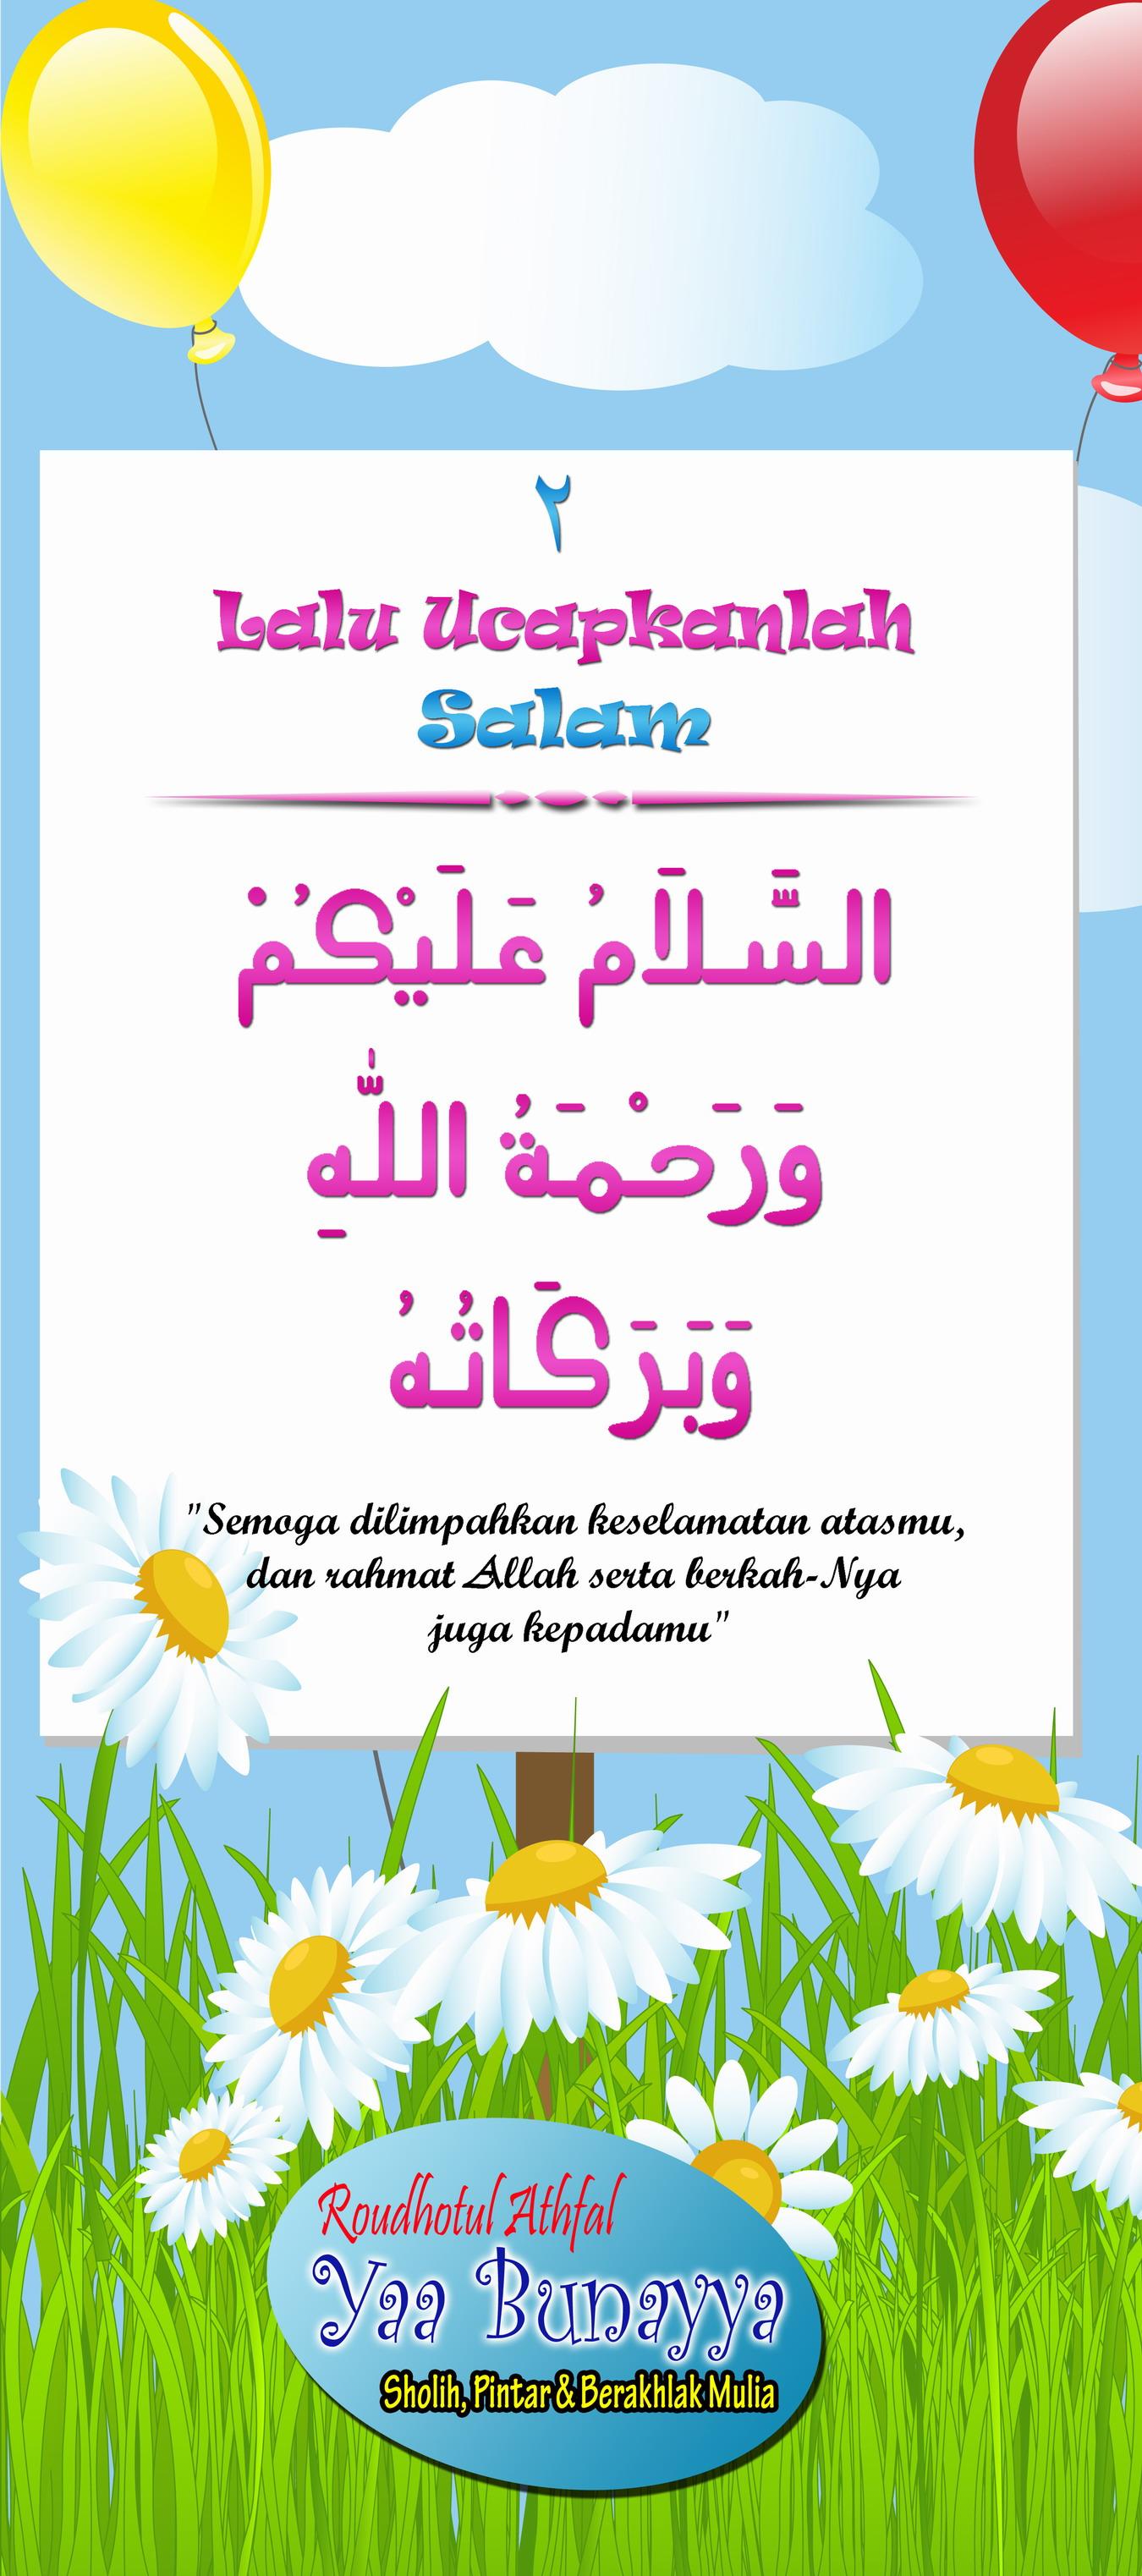 Baju kahwin muslimah www imgarcade com online image arcade - Gambar Nasehat Islami Laman 3 Wallpaper Gallery Gambar Kartun Nikah Islami